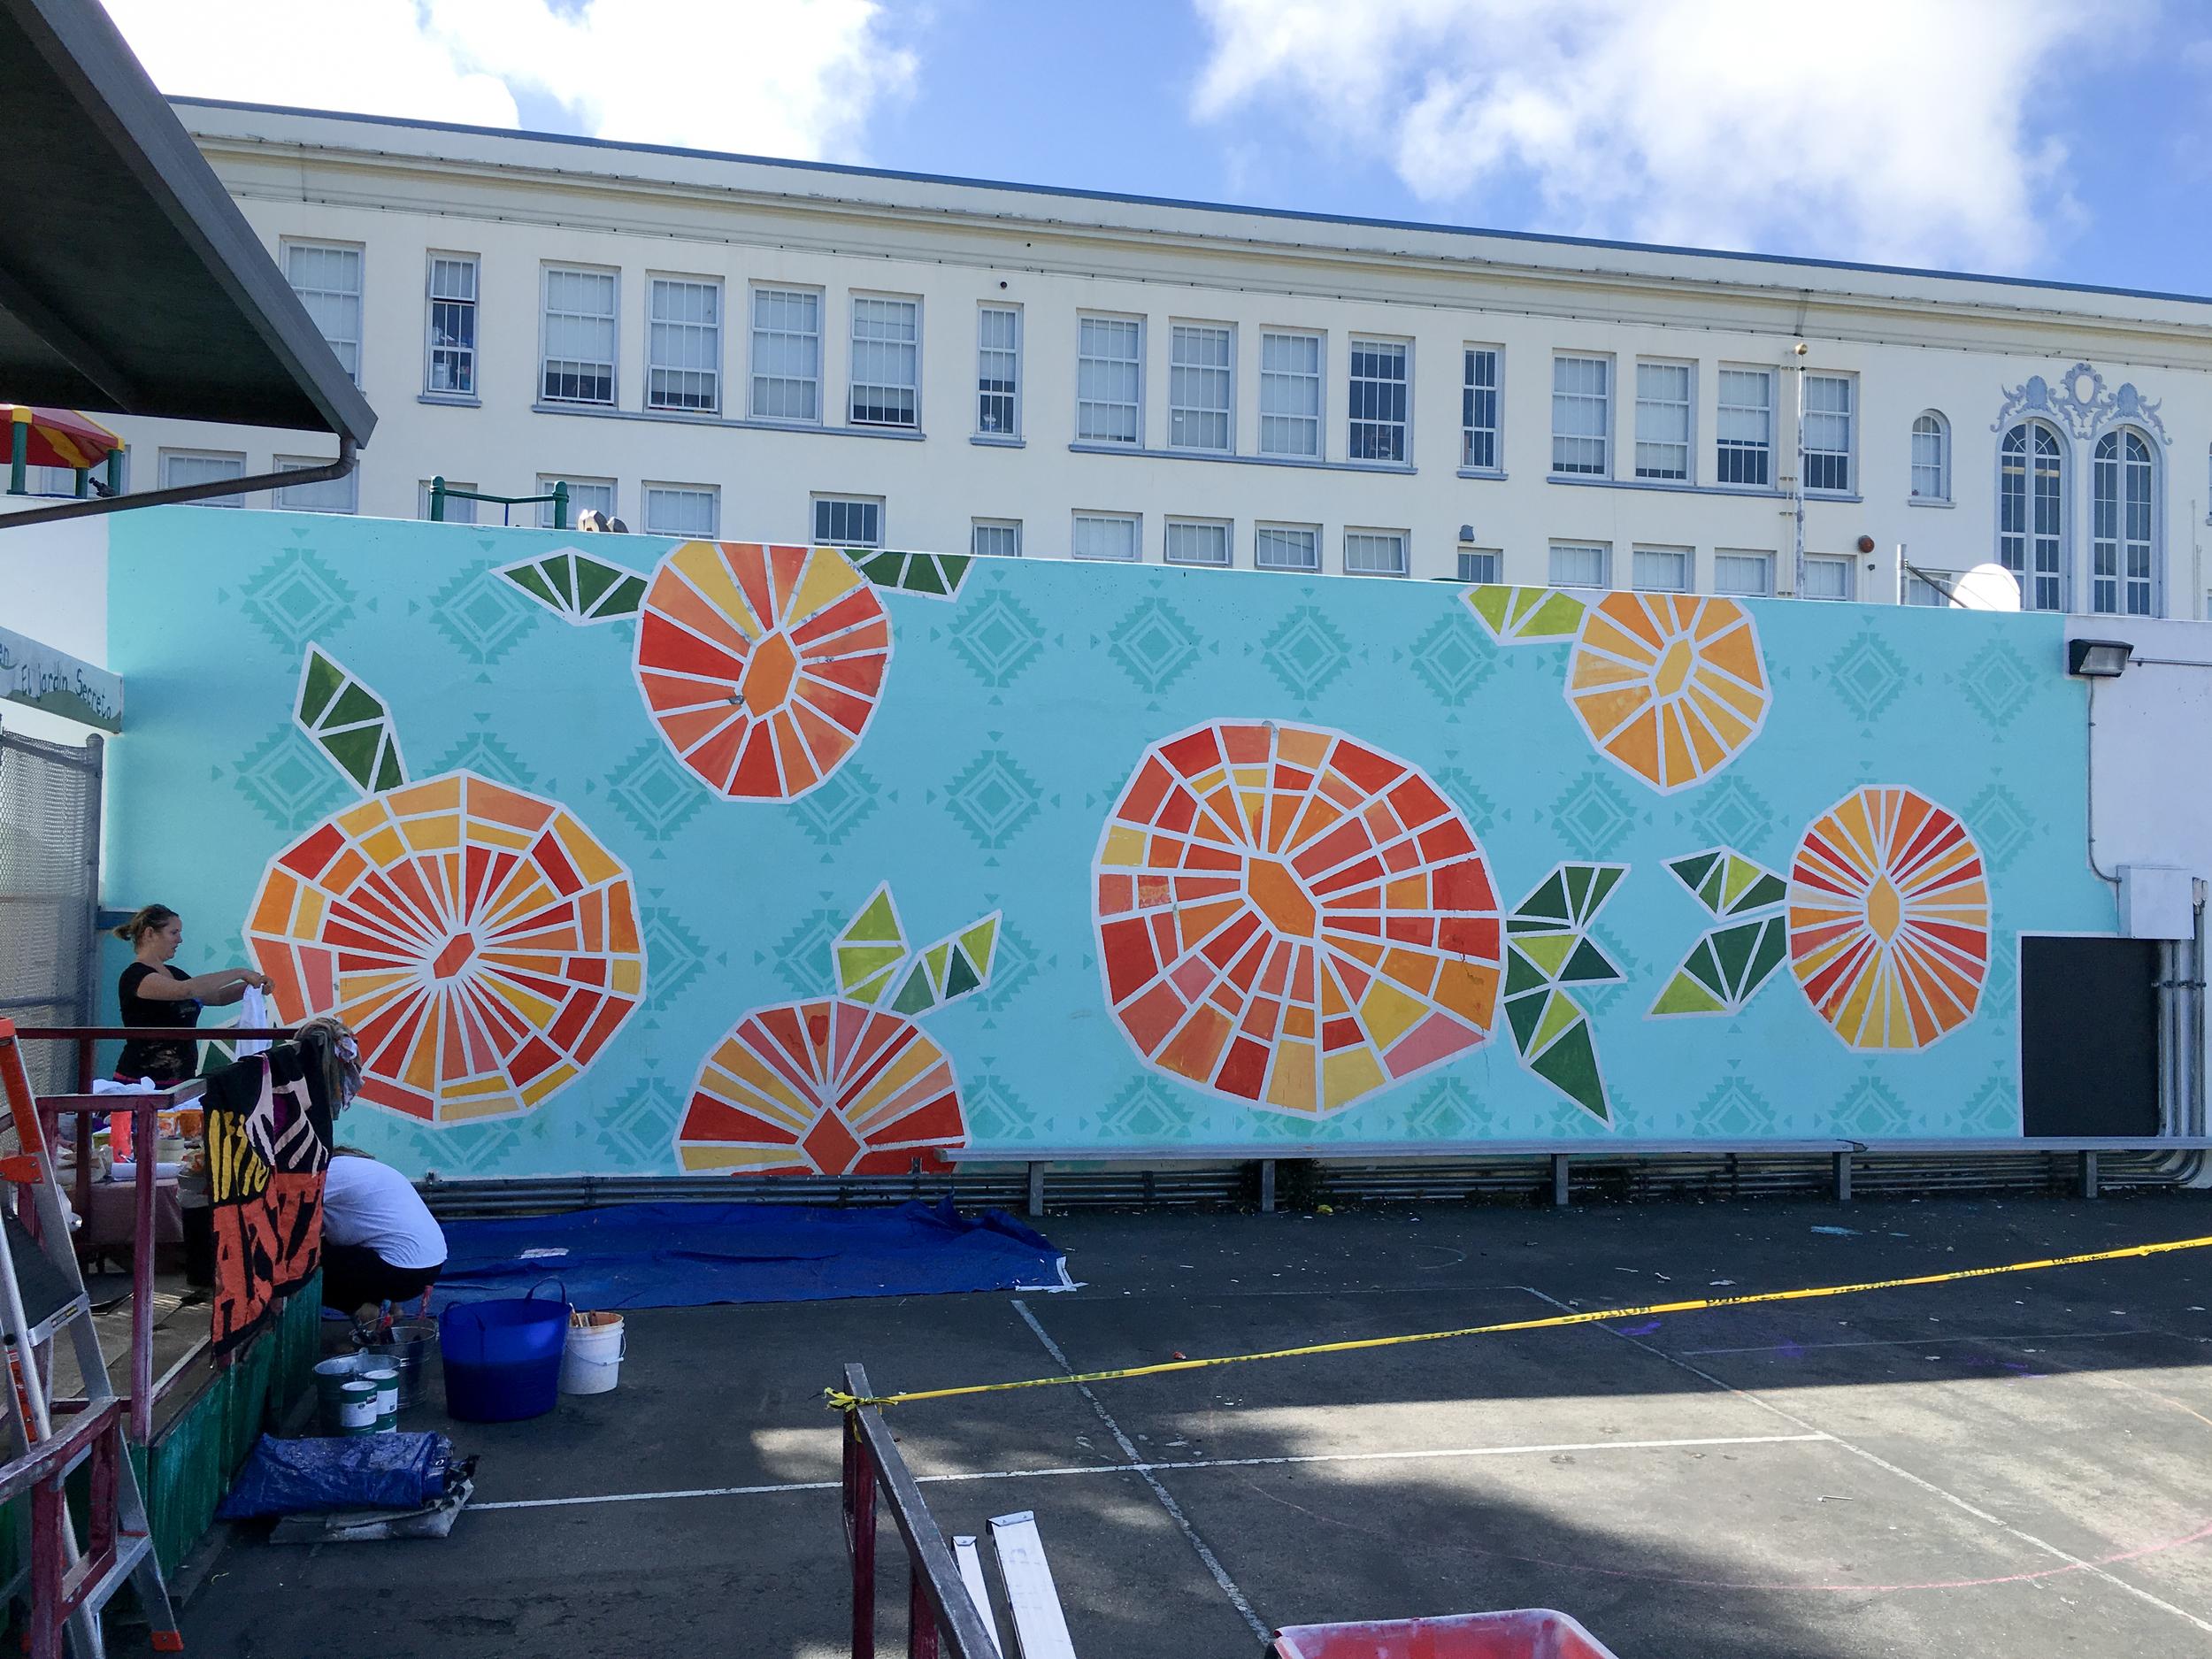 Strider Patton - Alvarado Elementary School Dia de los Muertos Mural